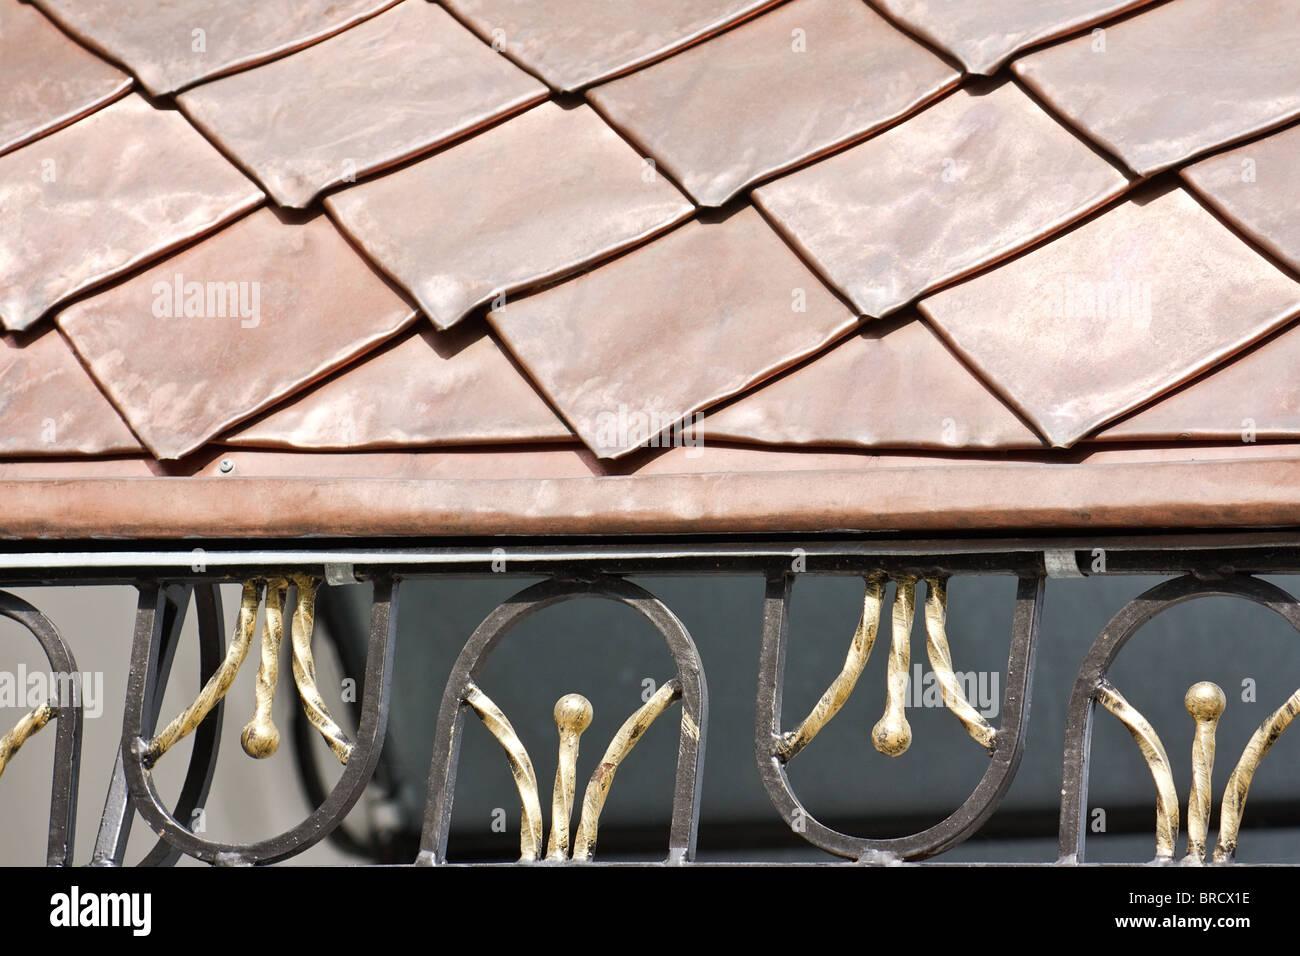 Dach mit Kupferplatten bedeckt und verziert mit geschmiedeten Gitter (Kiew-Pecherskaya Lawra Kloster, Kiew, Ukraine) Stockbild